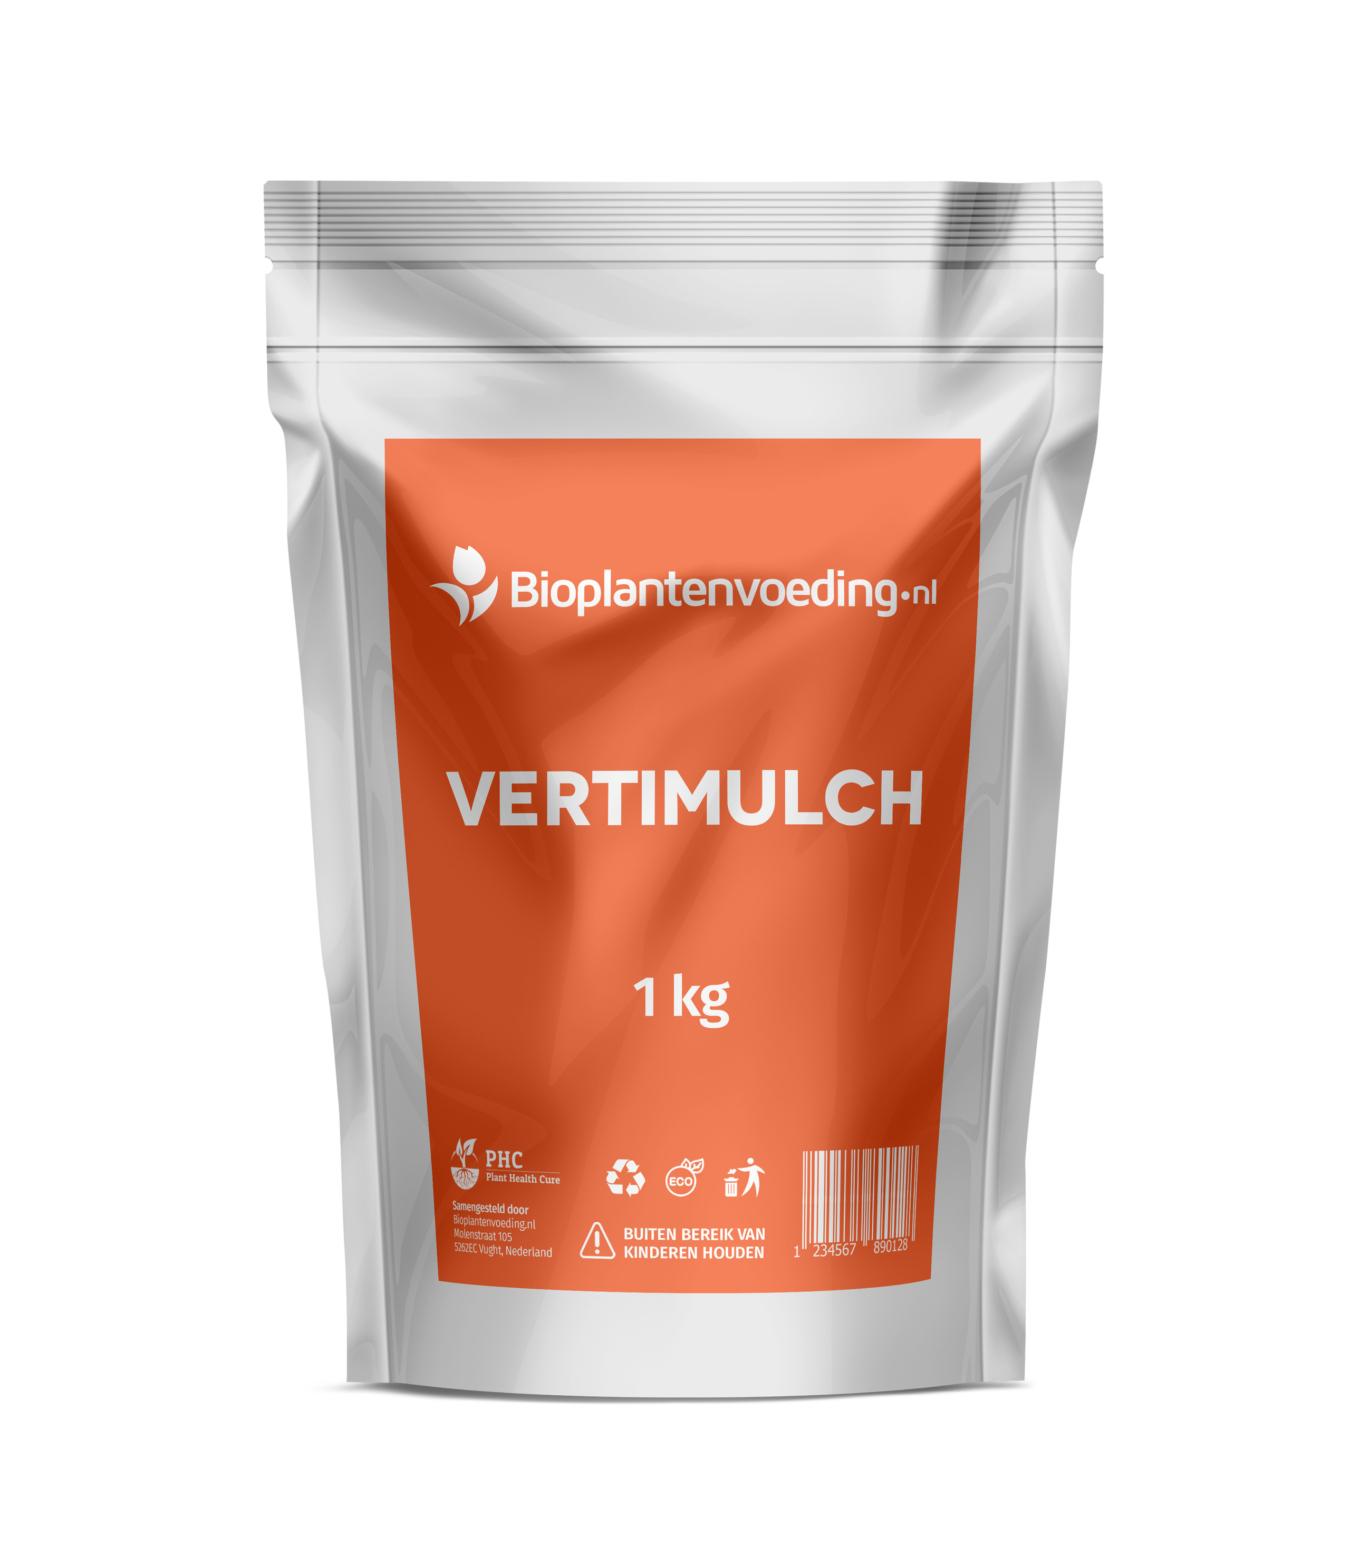 Koop Vertimulch – 1 kg